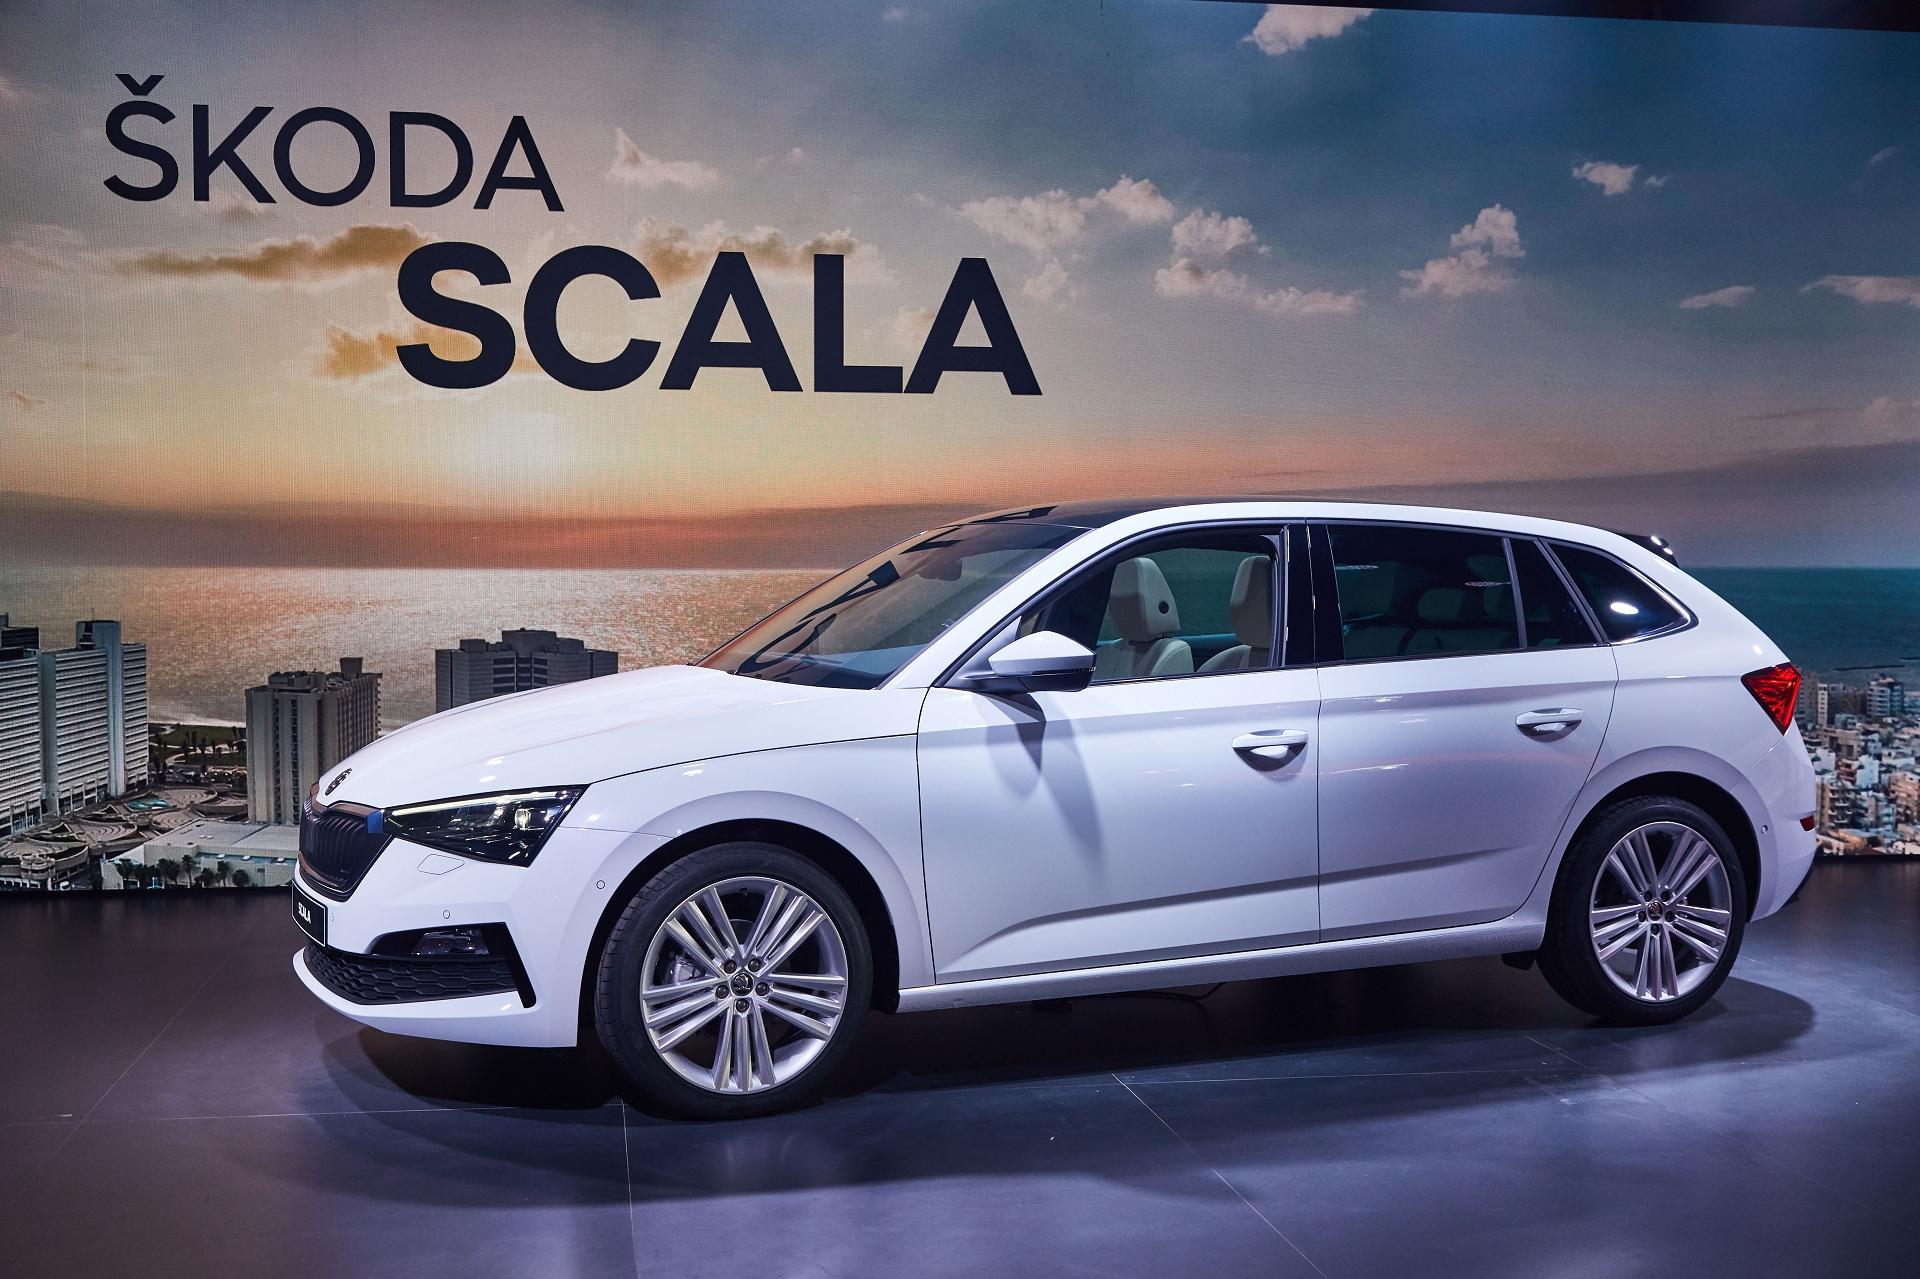 Der neue Scala hebt Skoda Connect auf die nächste Stufe